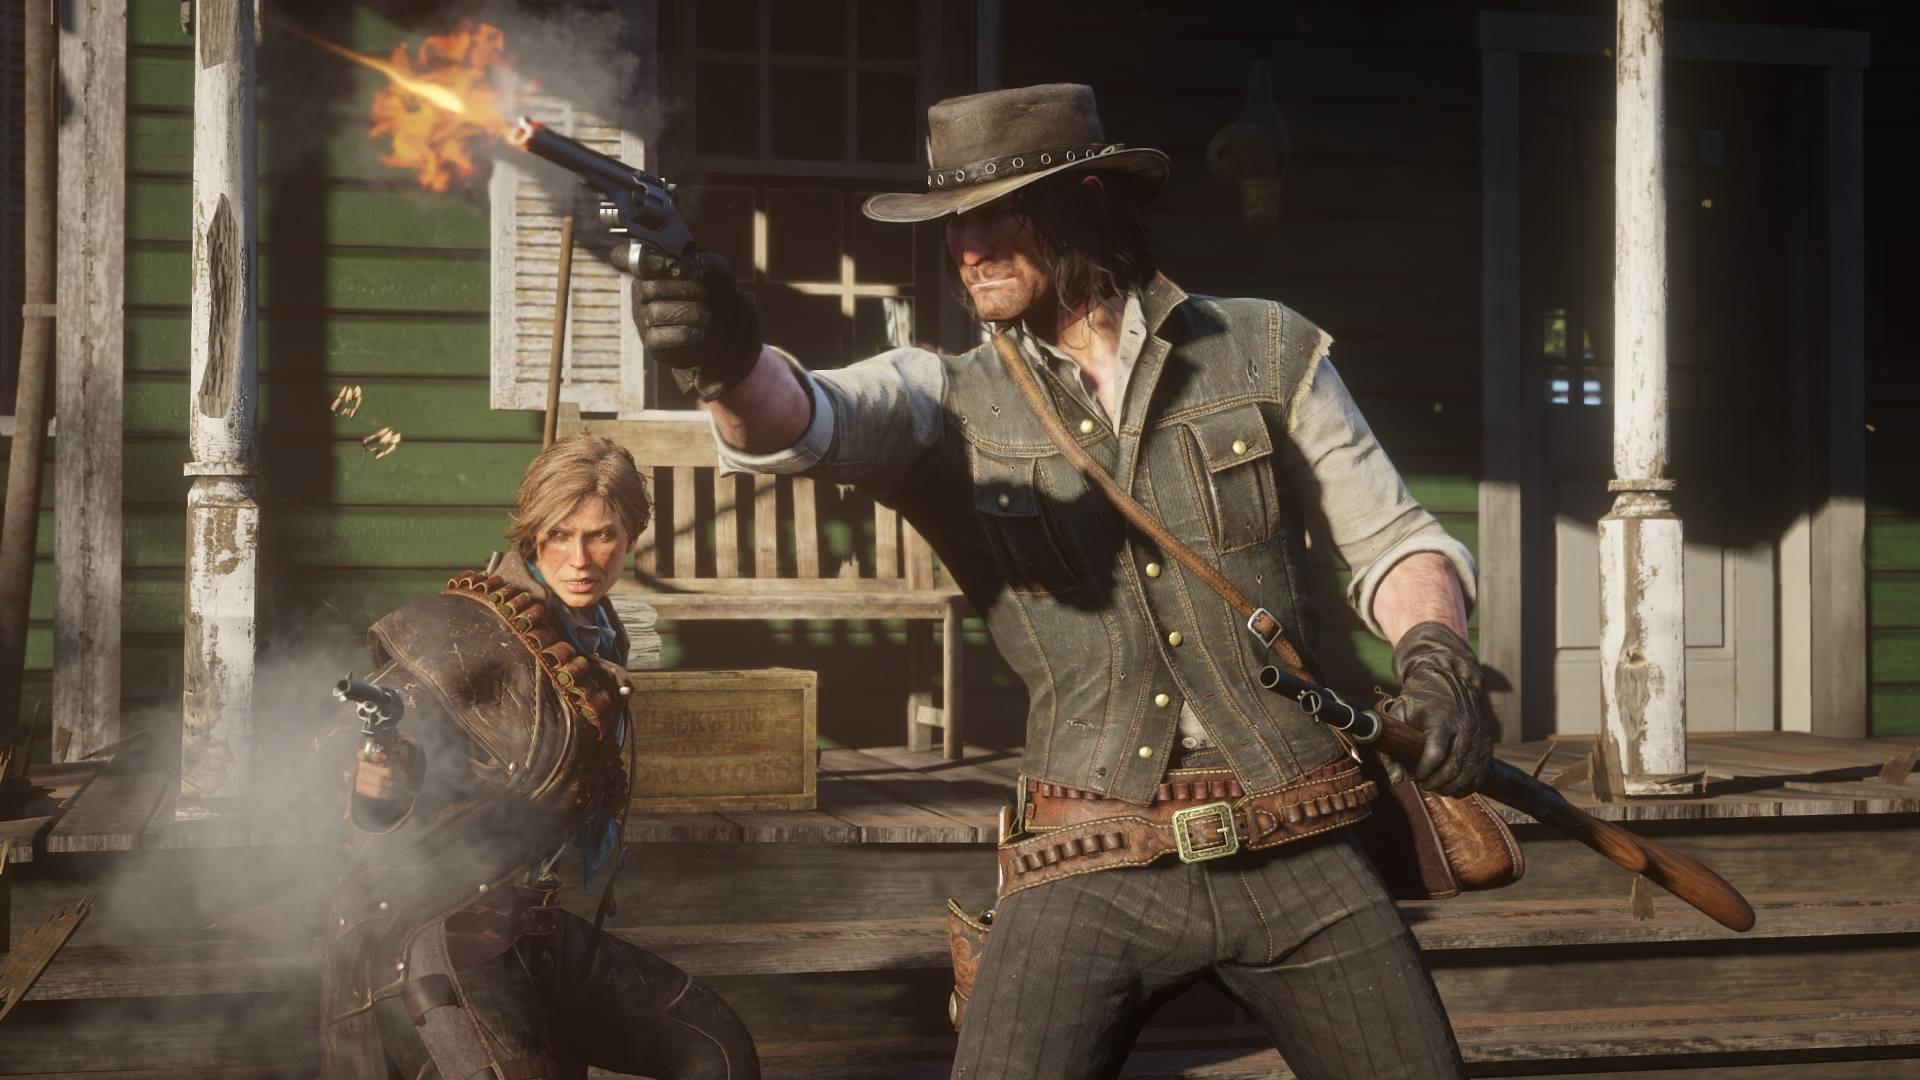 Neue Screenshots zu Red Dead Redemption 2 zeigen Tierwelt, Open World und Charaktere. Bild 2 - Quelle: Rockstar Games